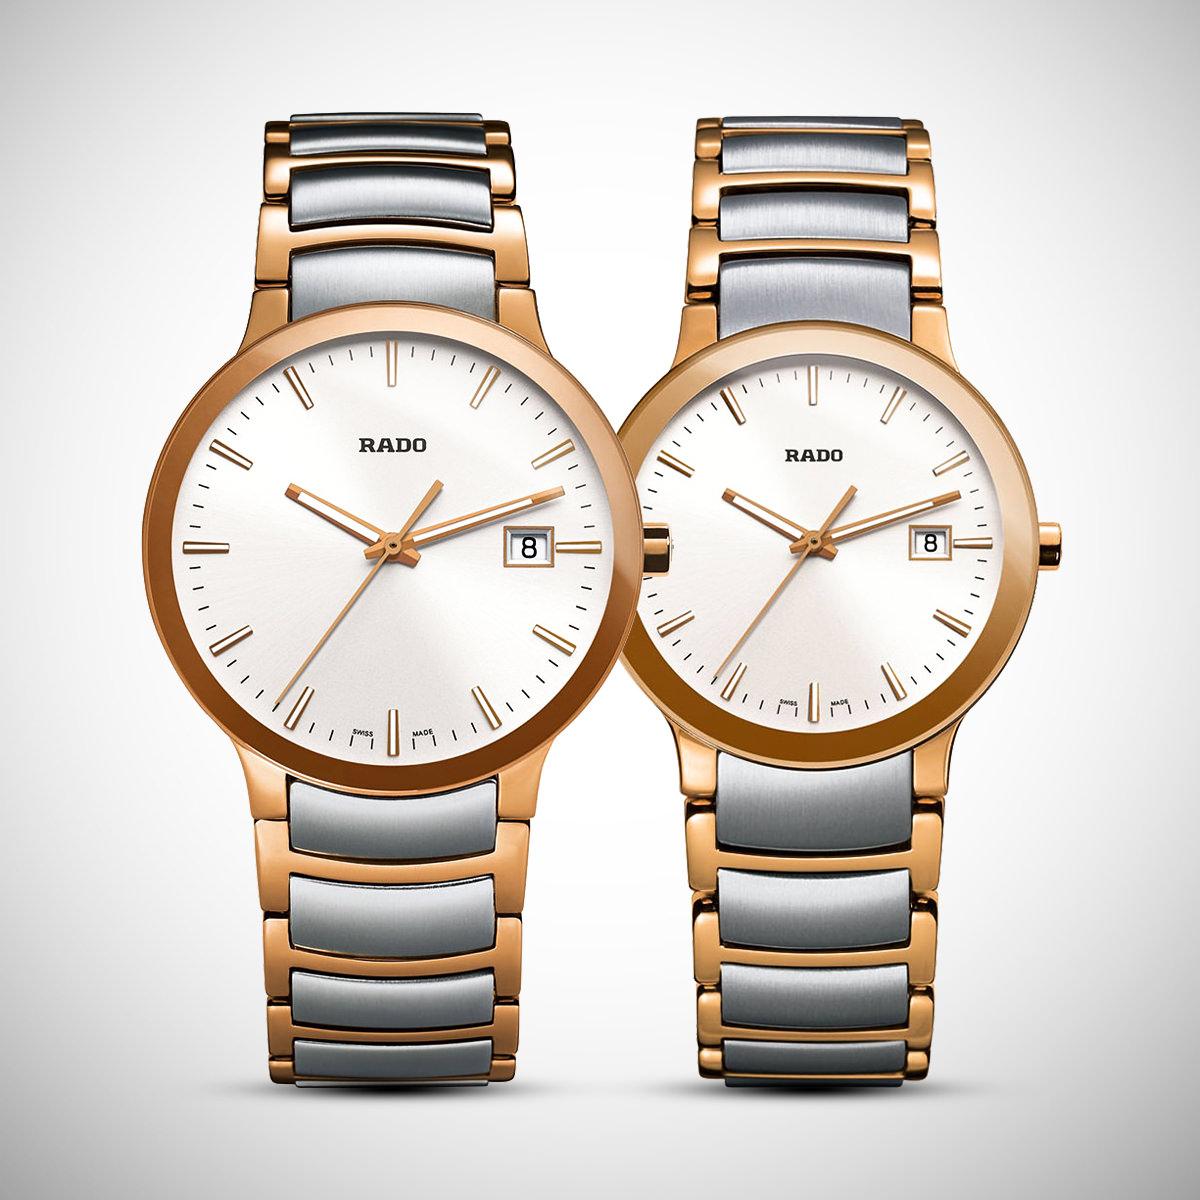 Đồng hồ cặp đôi Centrix đến từ Rado